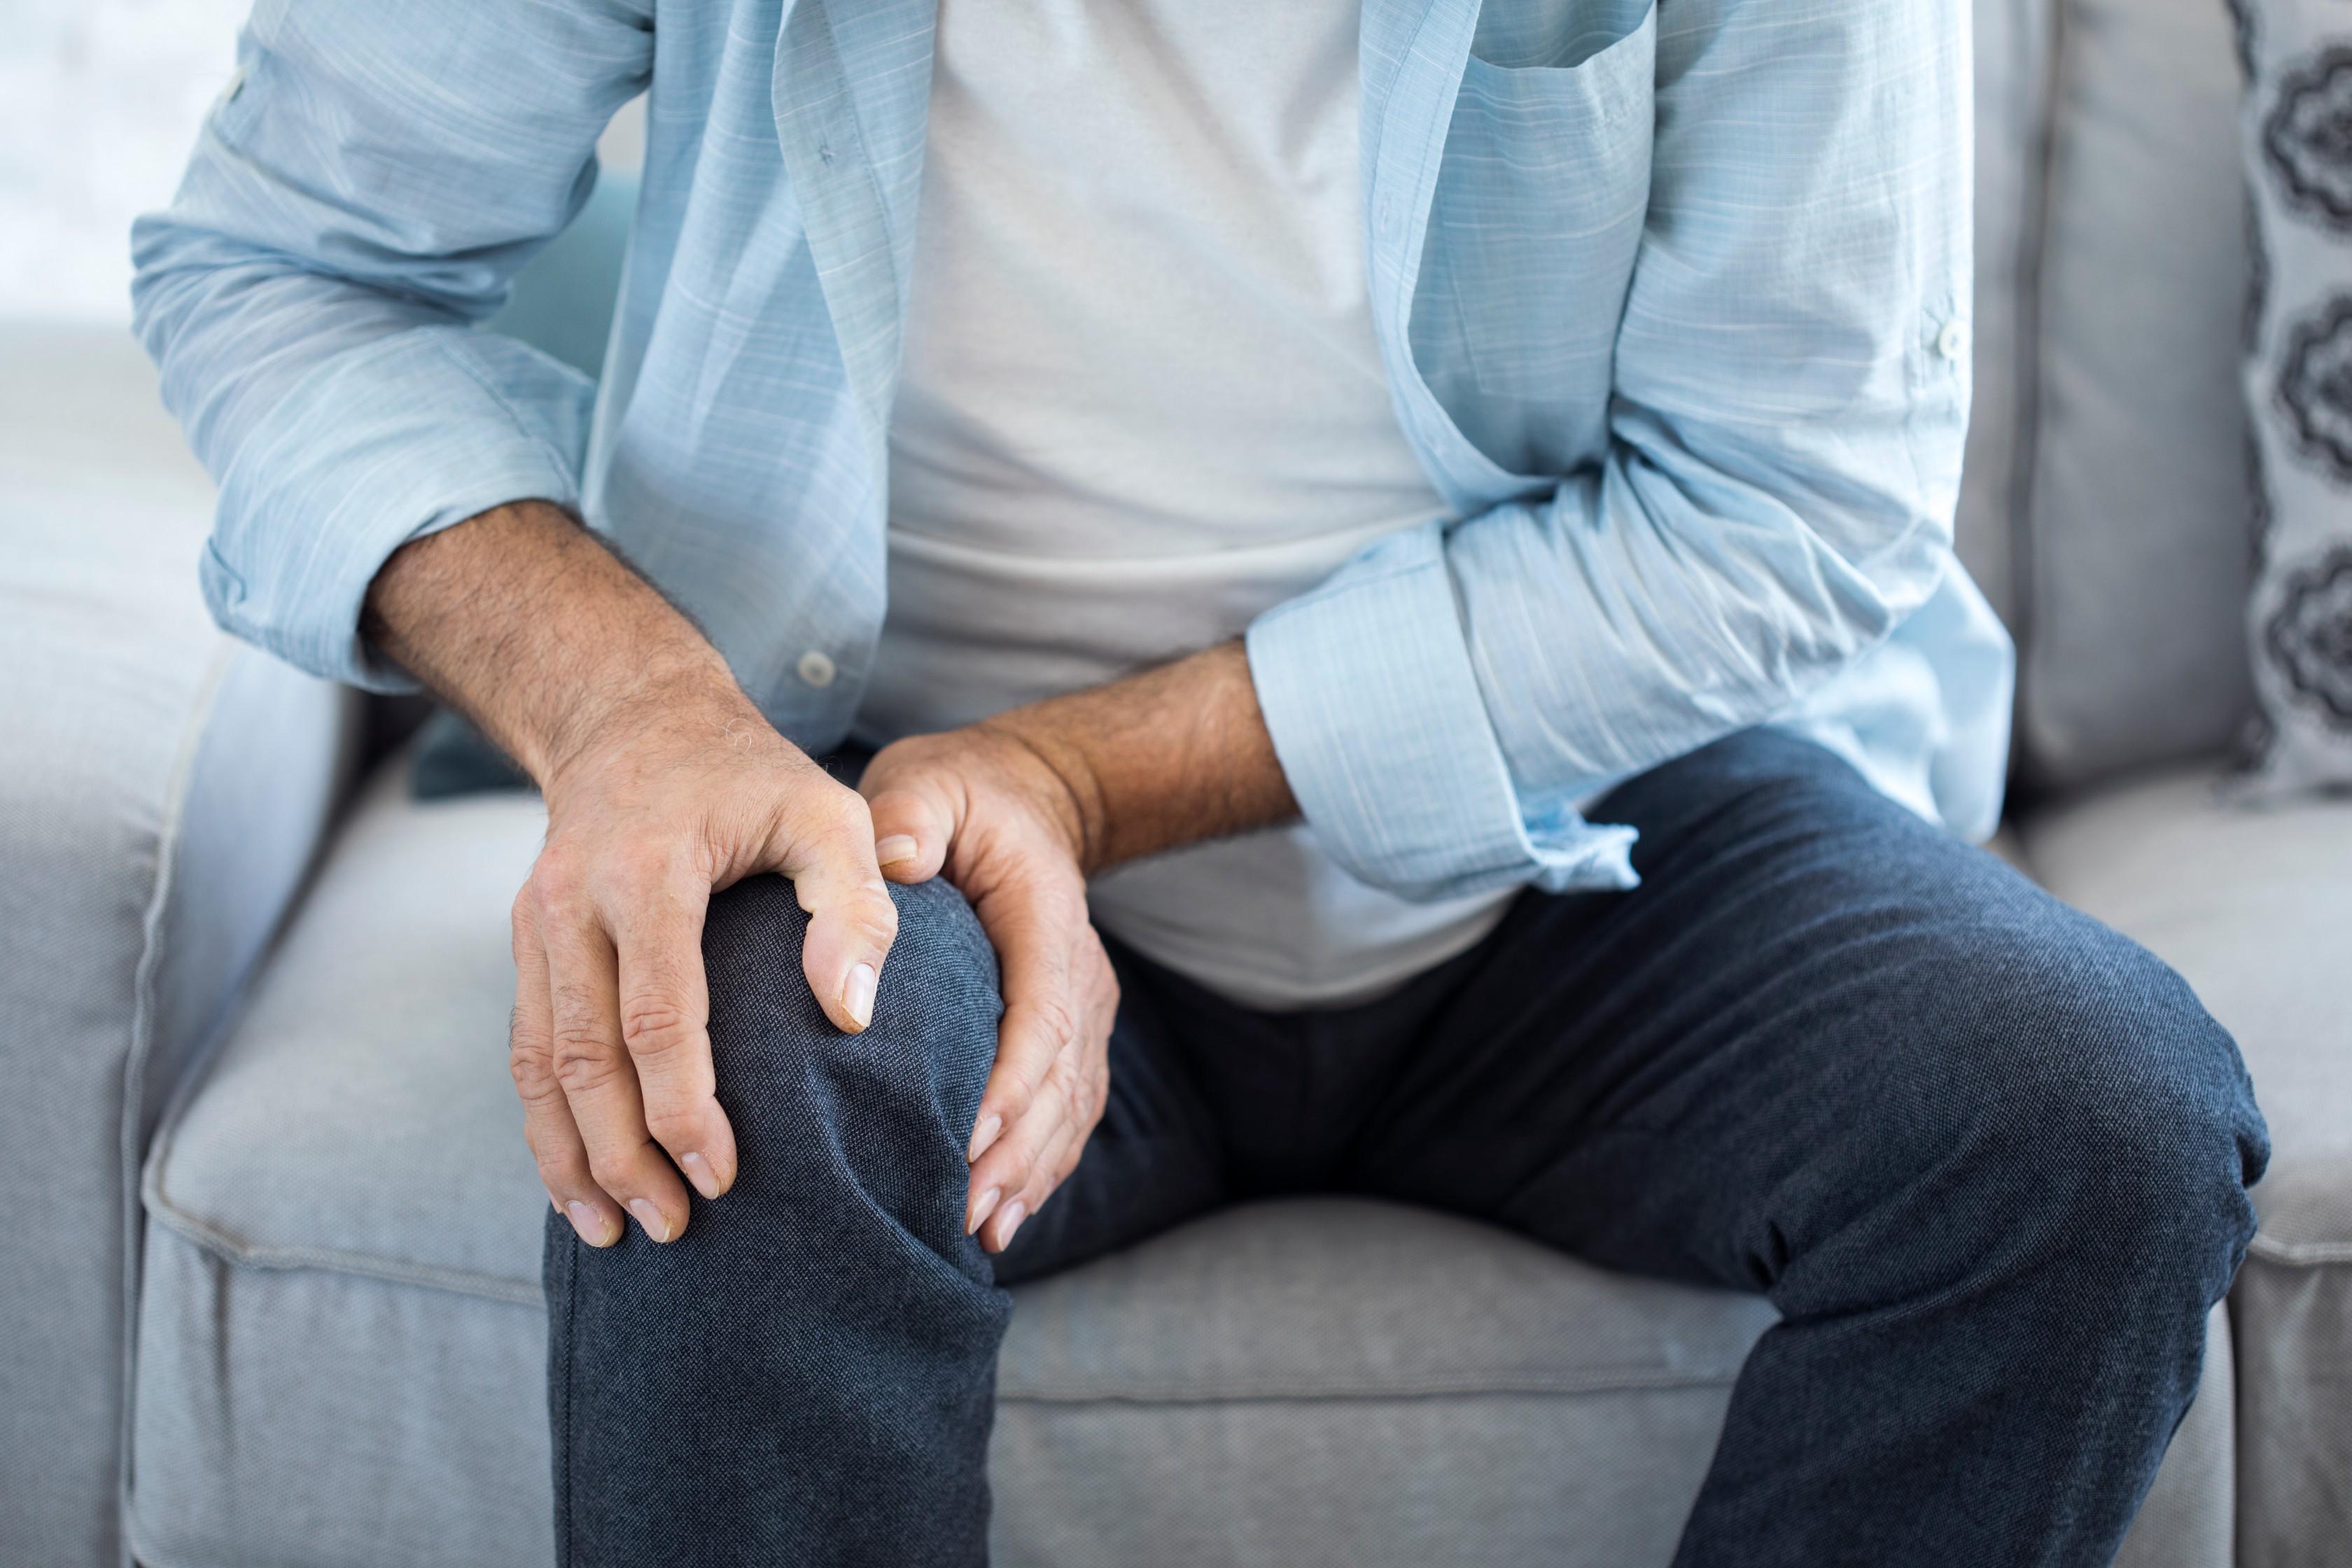 hogyan lehet csökkenteni az ízületi diszlokációs fájdalmat